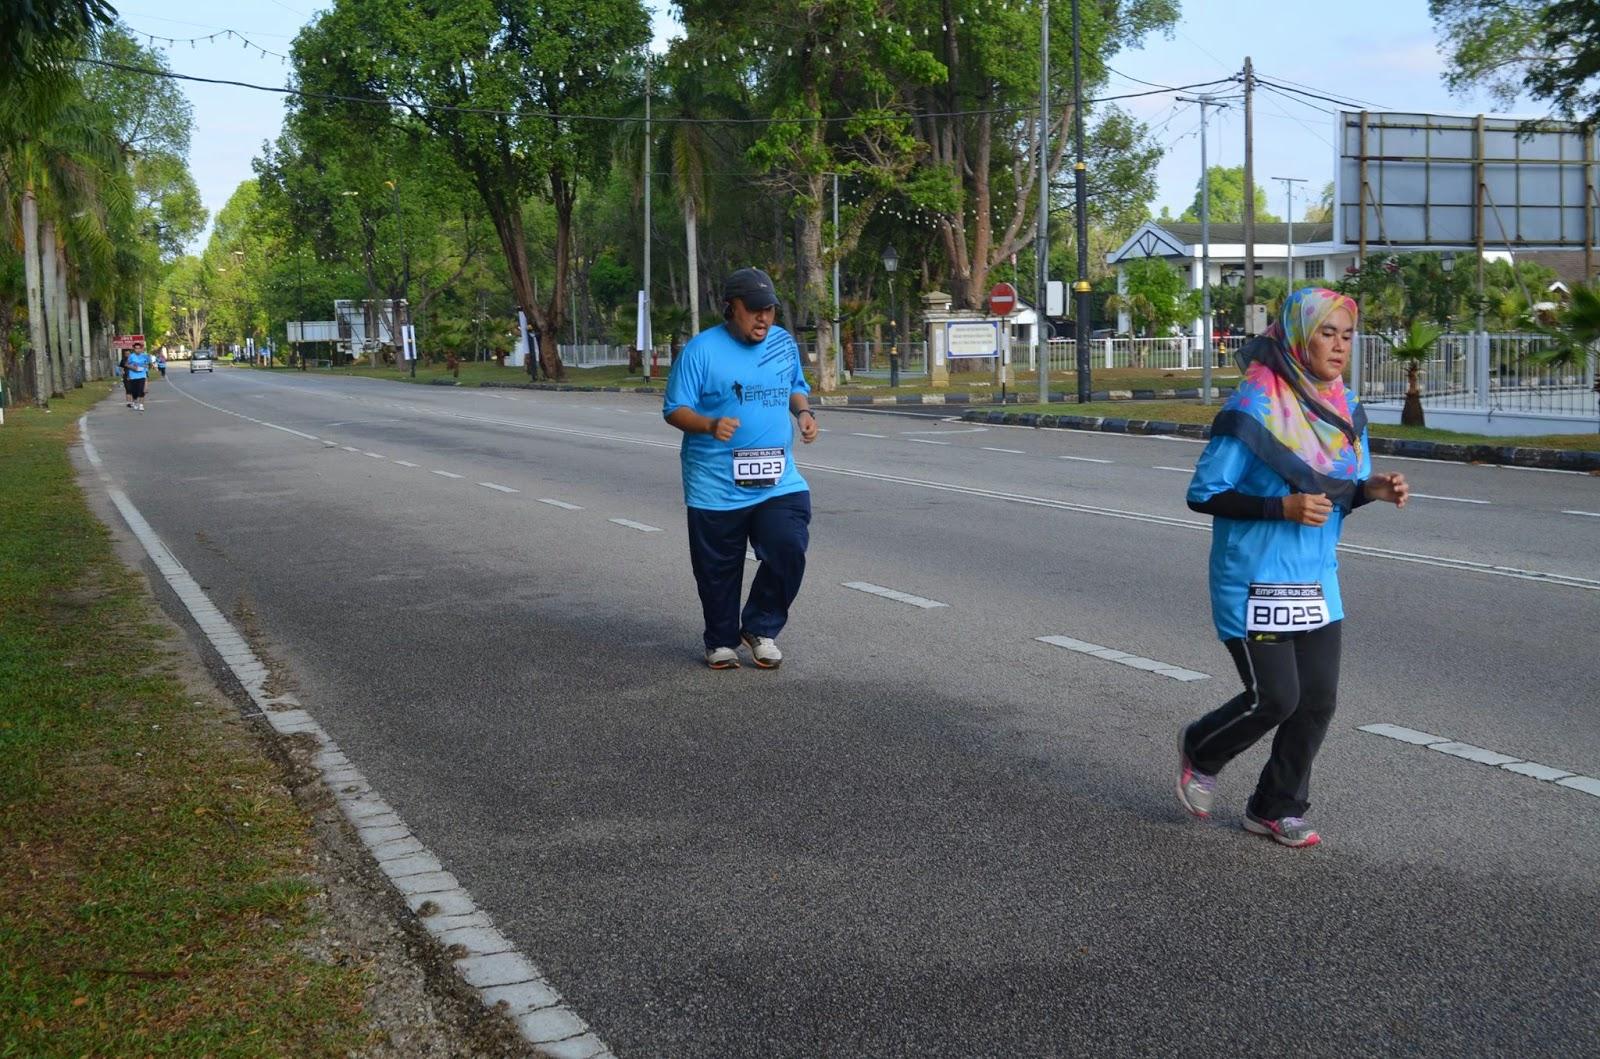 10km empire run 2015 kuantan